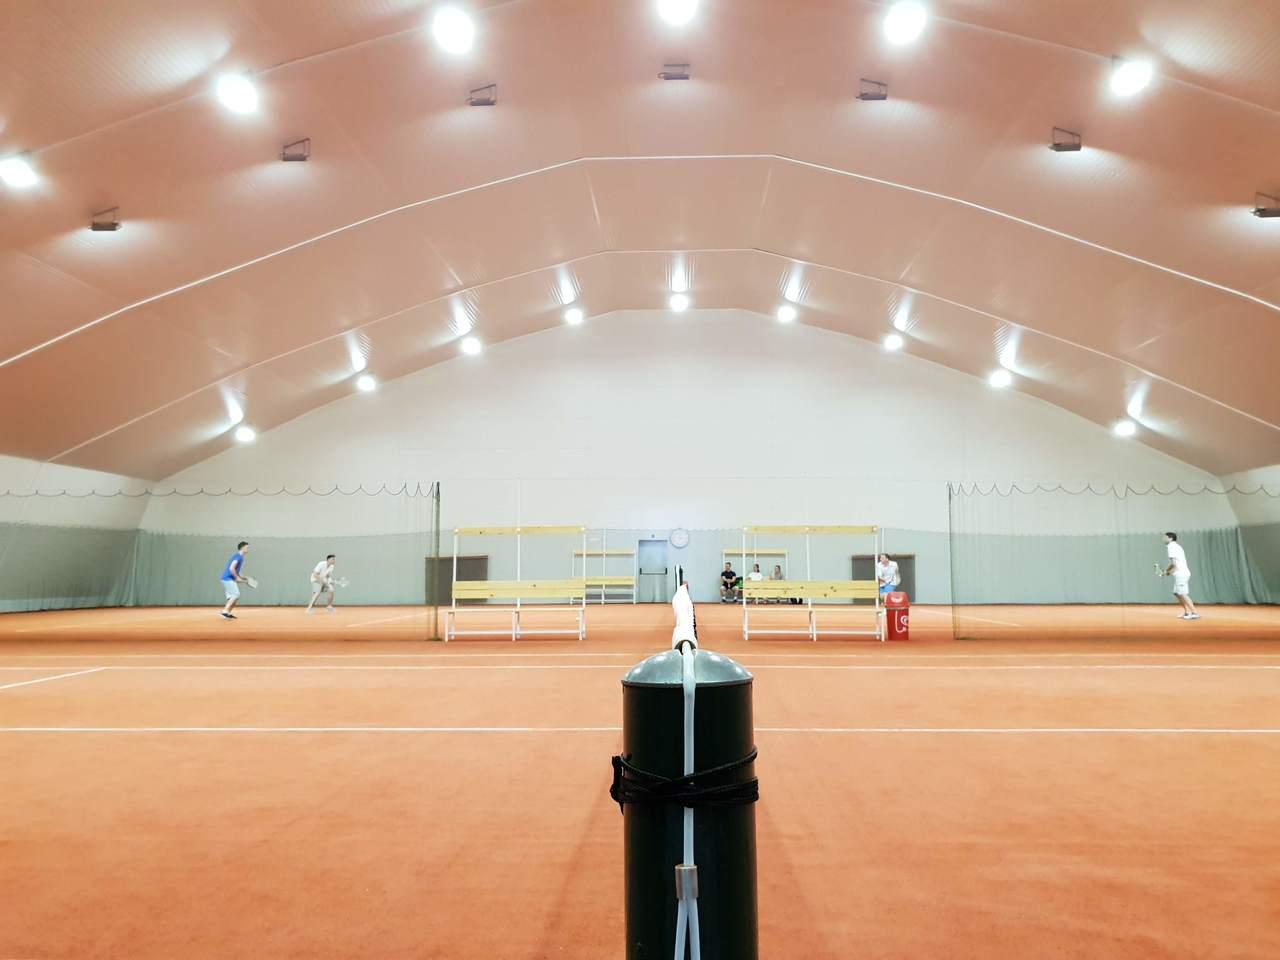 Tenis igrišče v dvorani